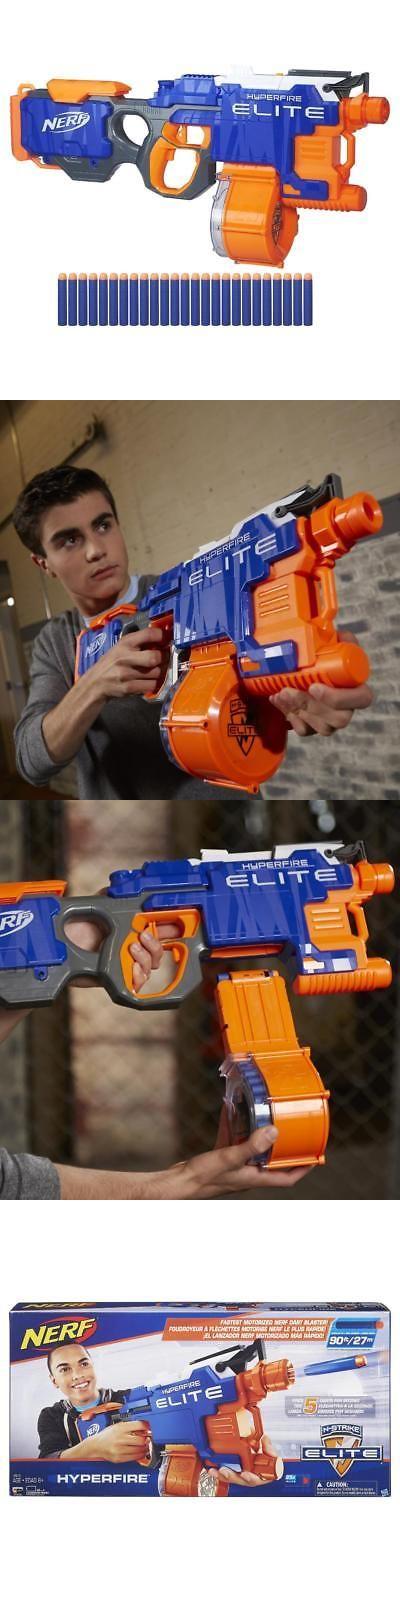 Dart Guns and Soft Darts 158749: Nerf N-Strike Elite Hyperfire Blaster -> BUY IT NOW ONLY: $37.59 on eBay!